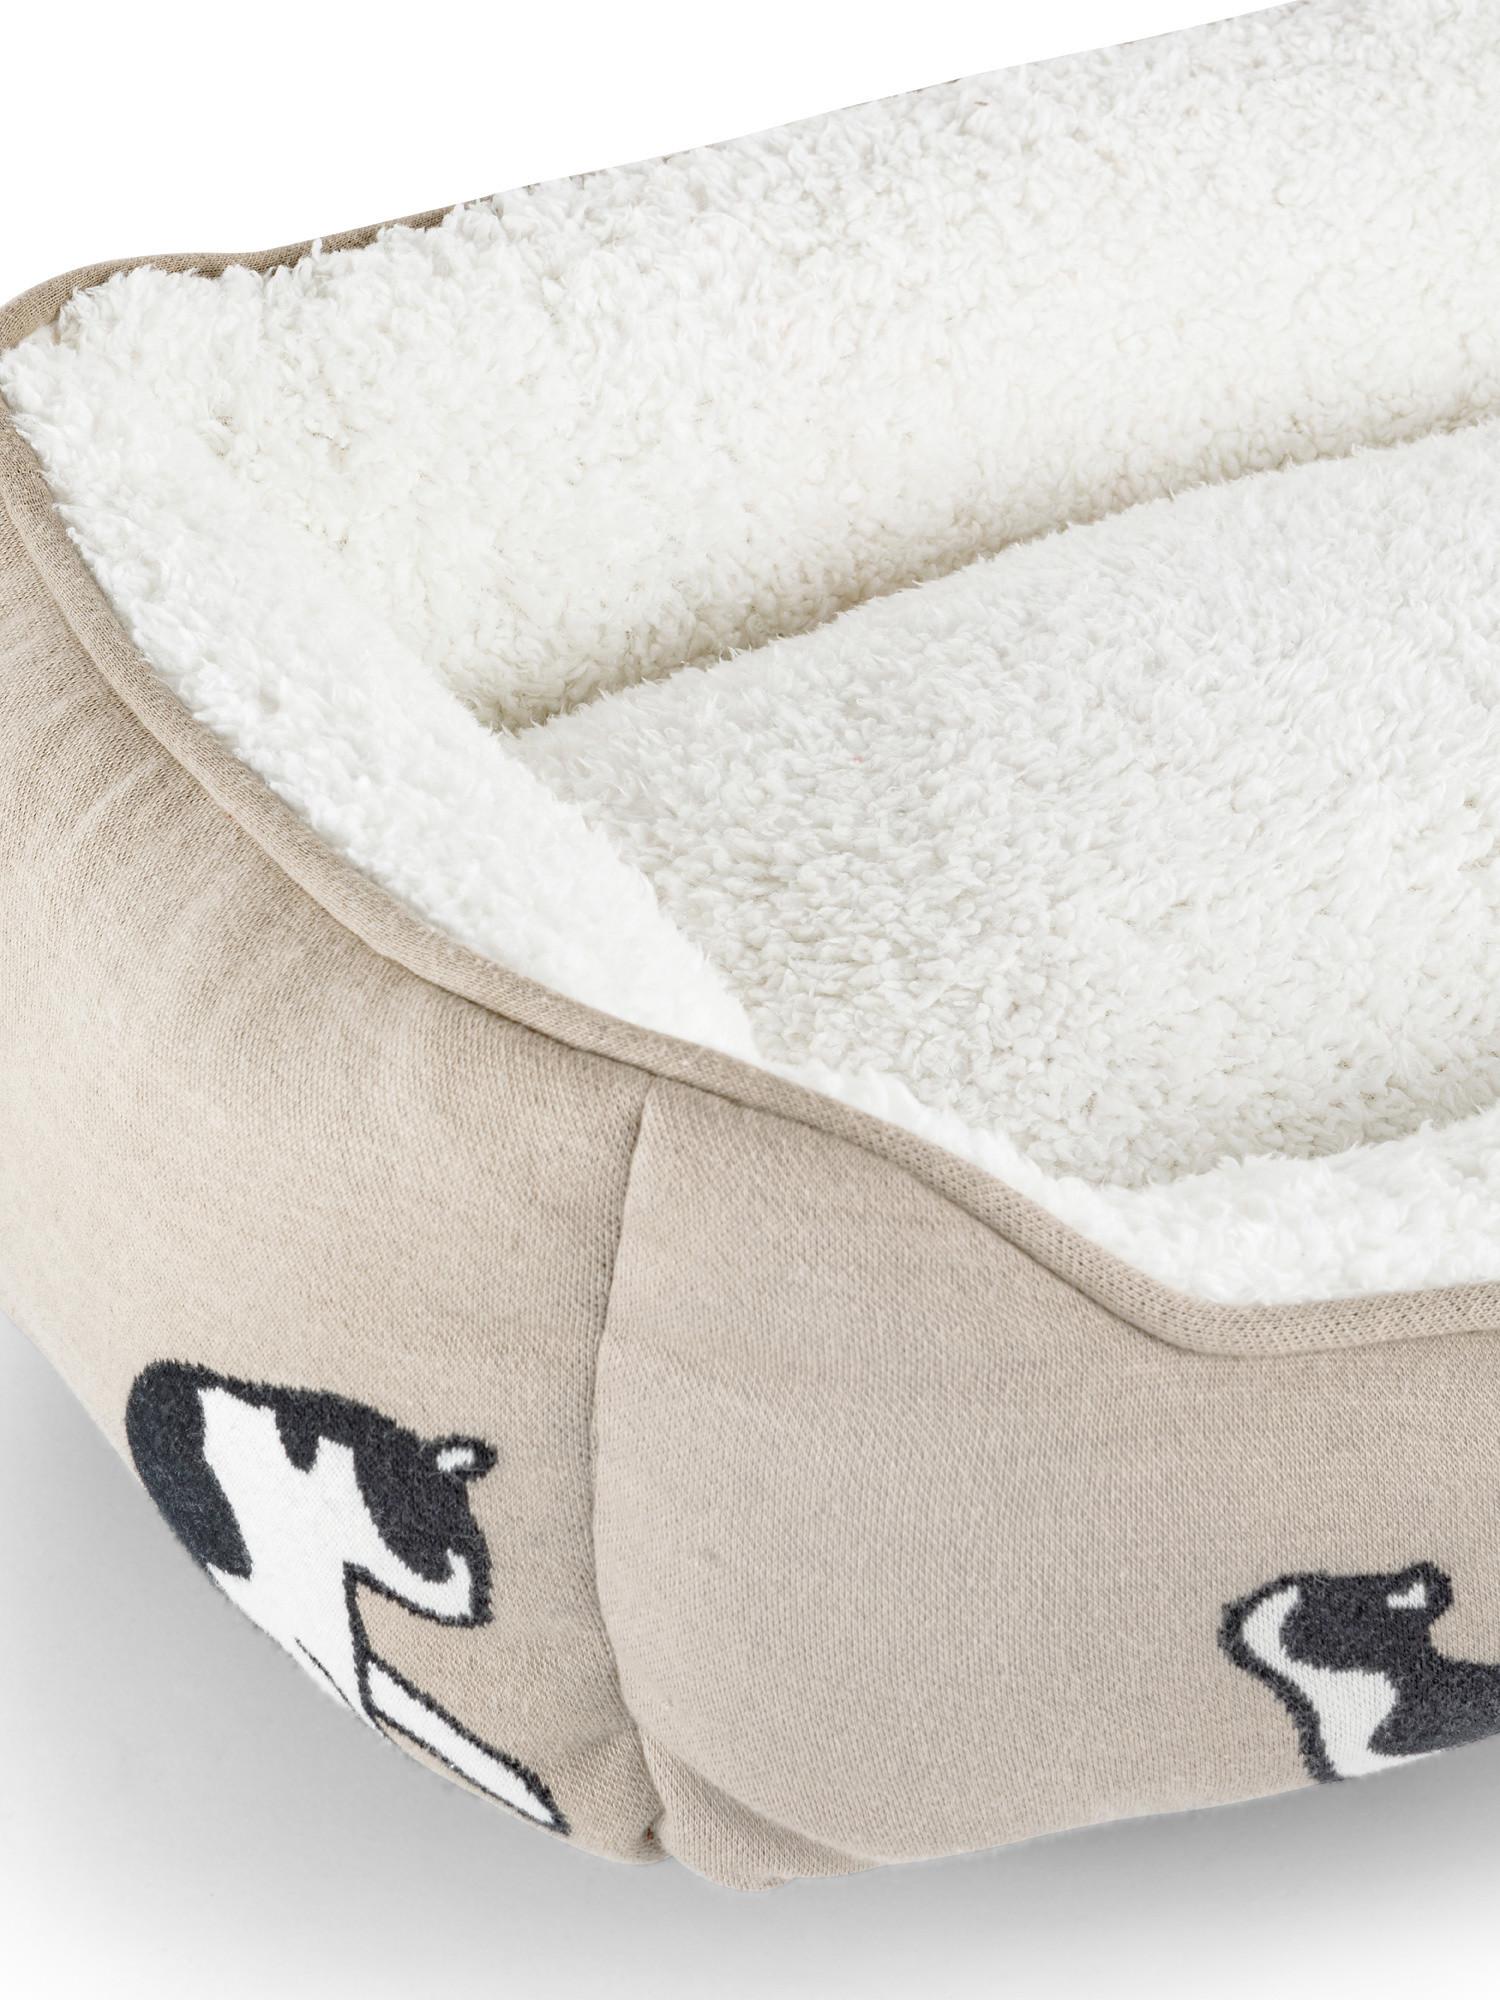 Cuccia gatto in cotone e pelo sherpa, Beige chiaro, large image number 2